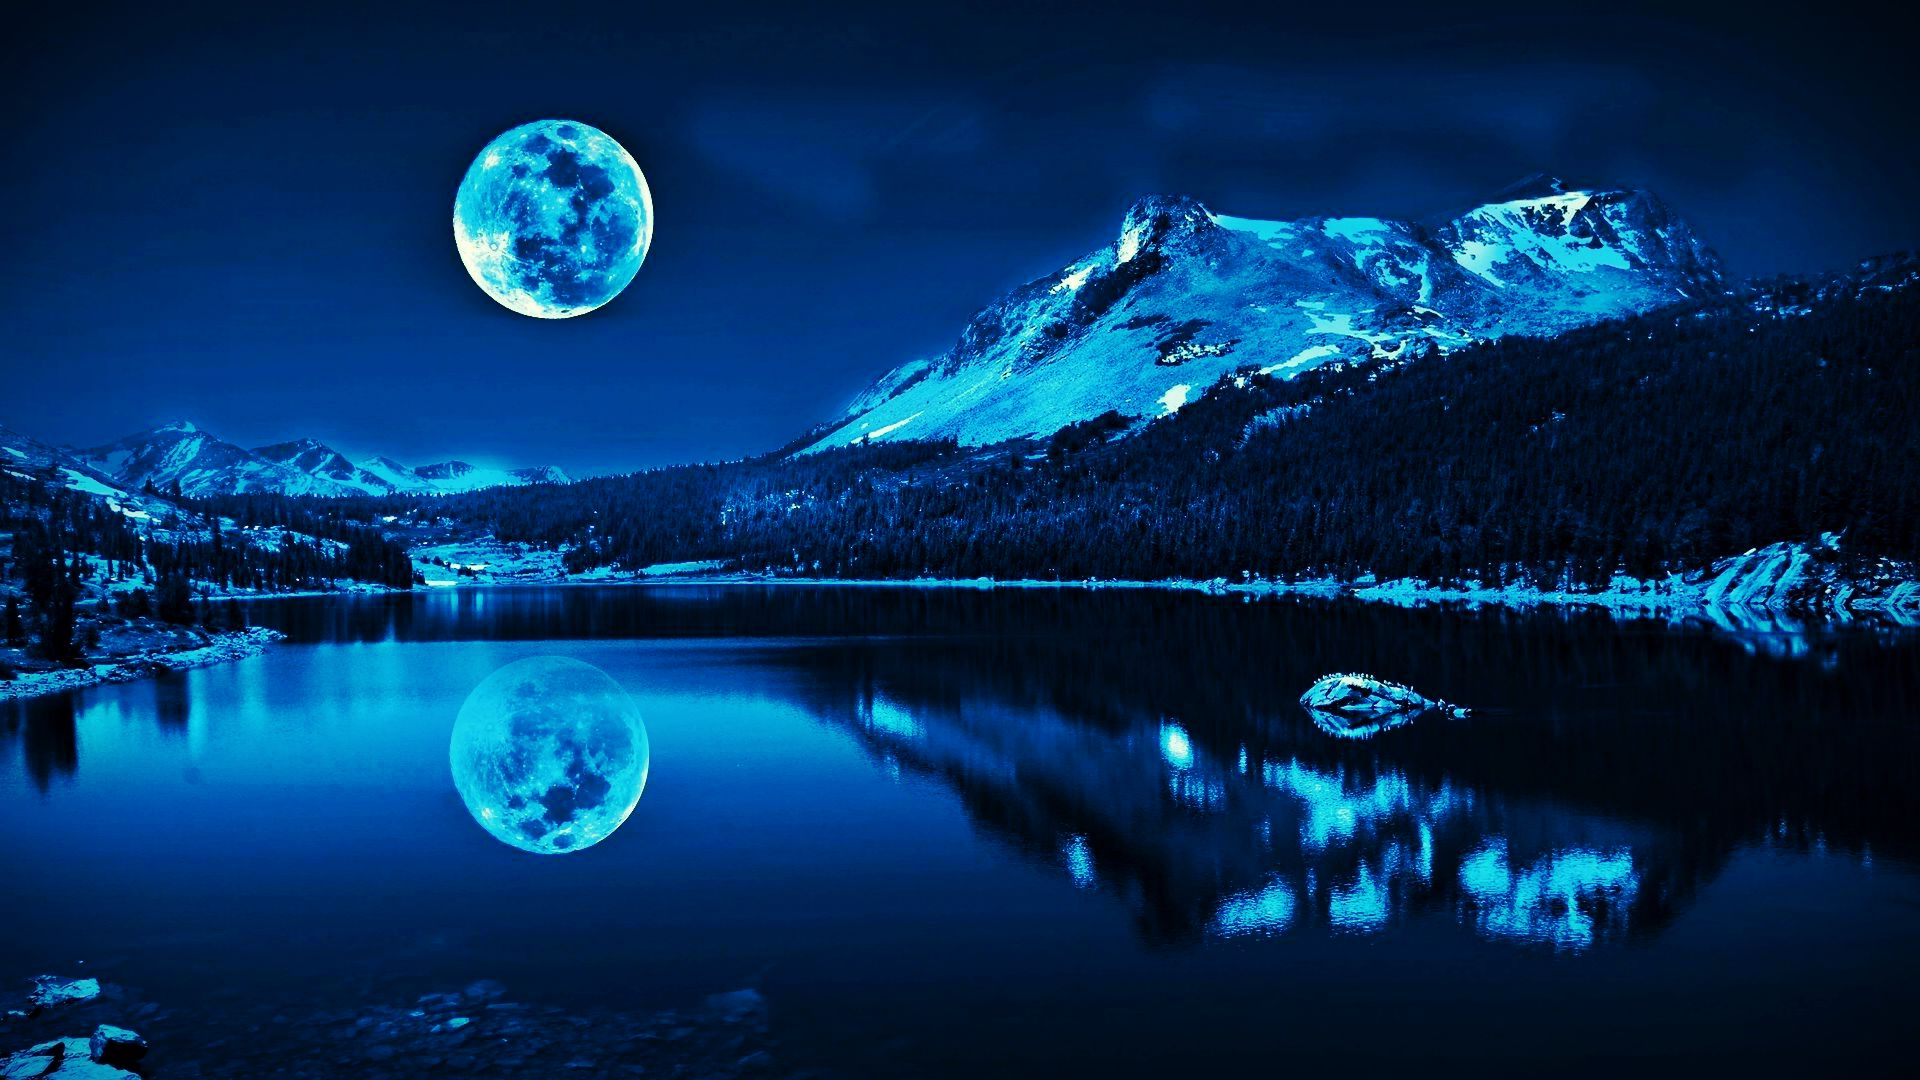 Super Moon Blue Wallpaper Wallsevcom   Download HD 1920x1080